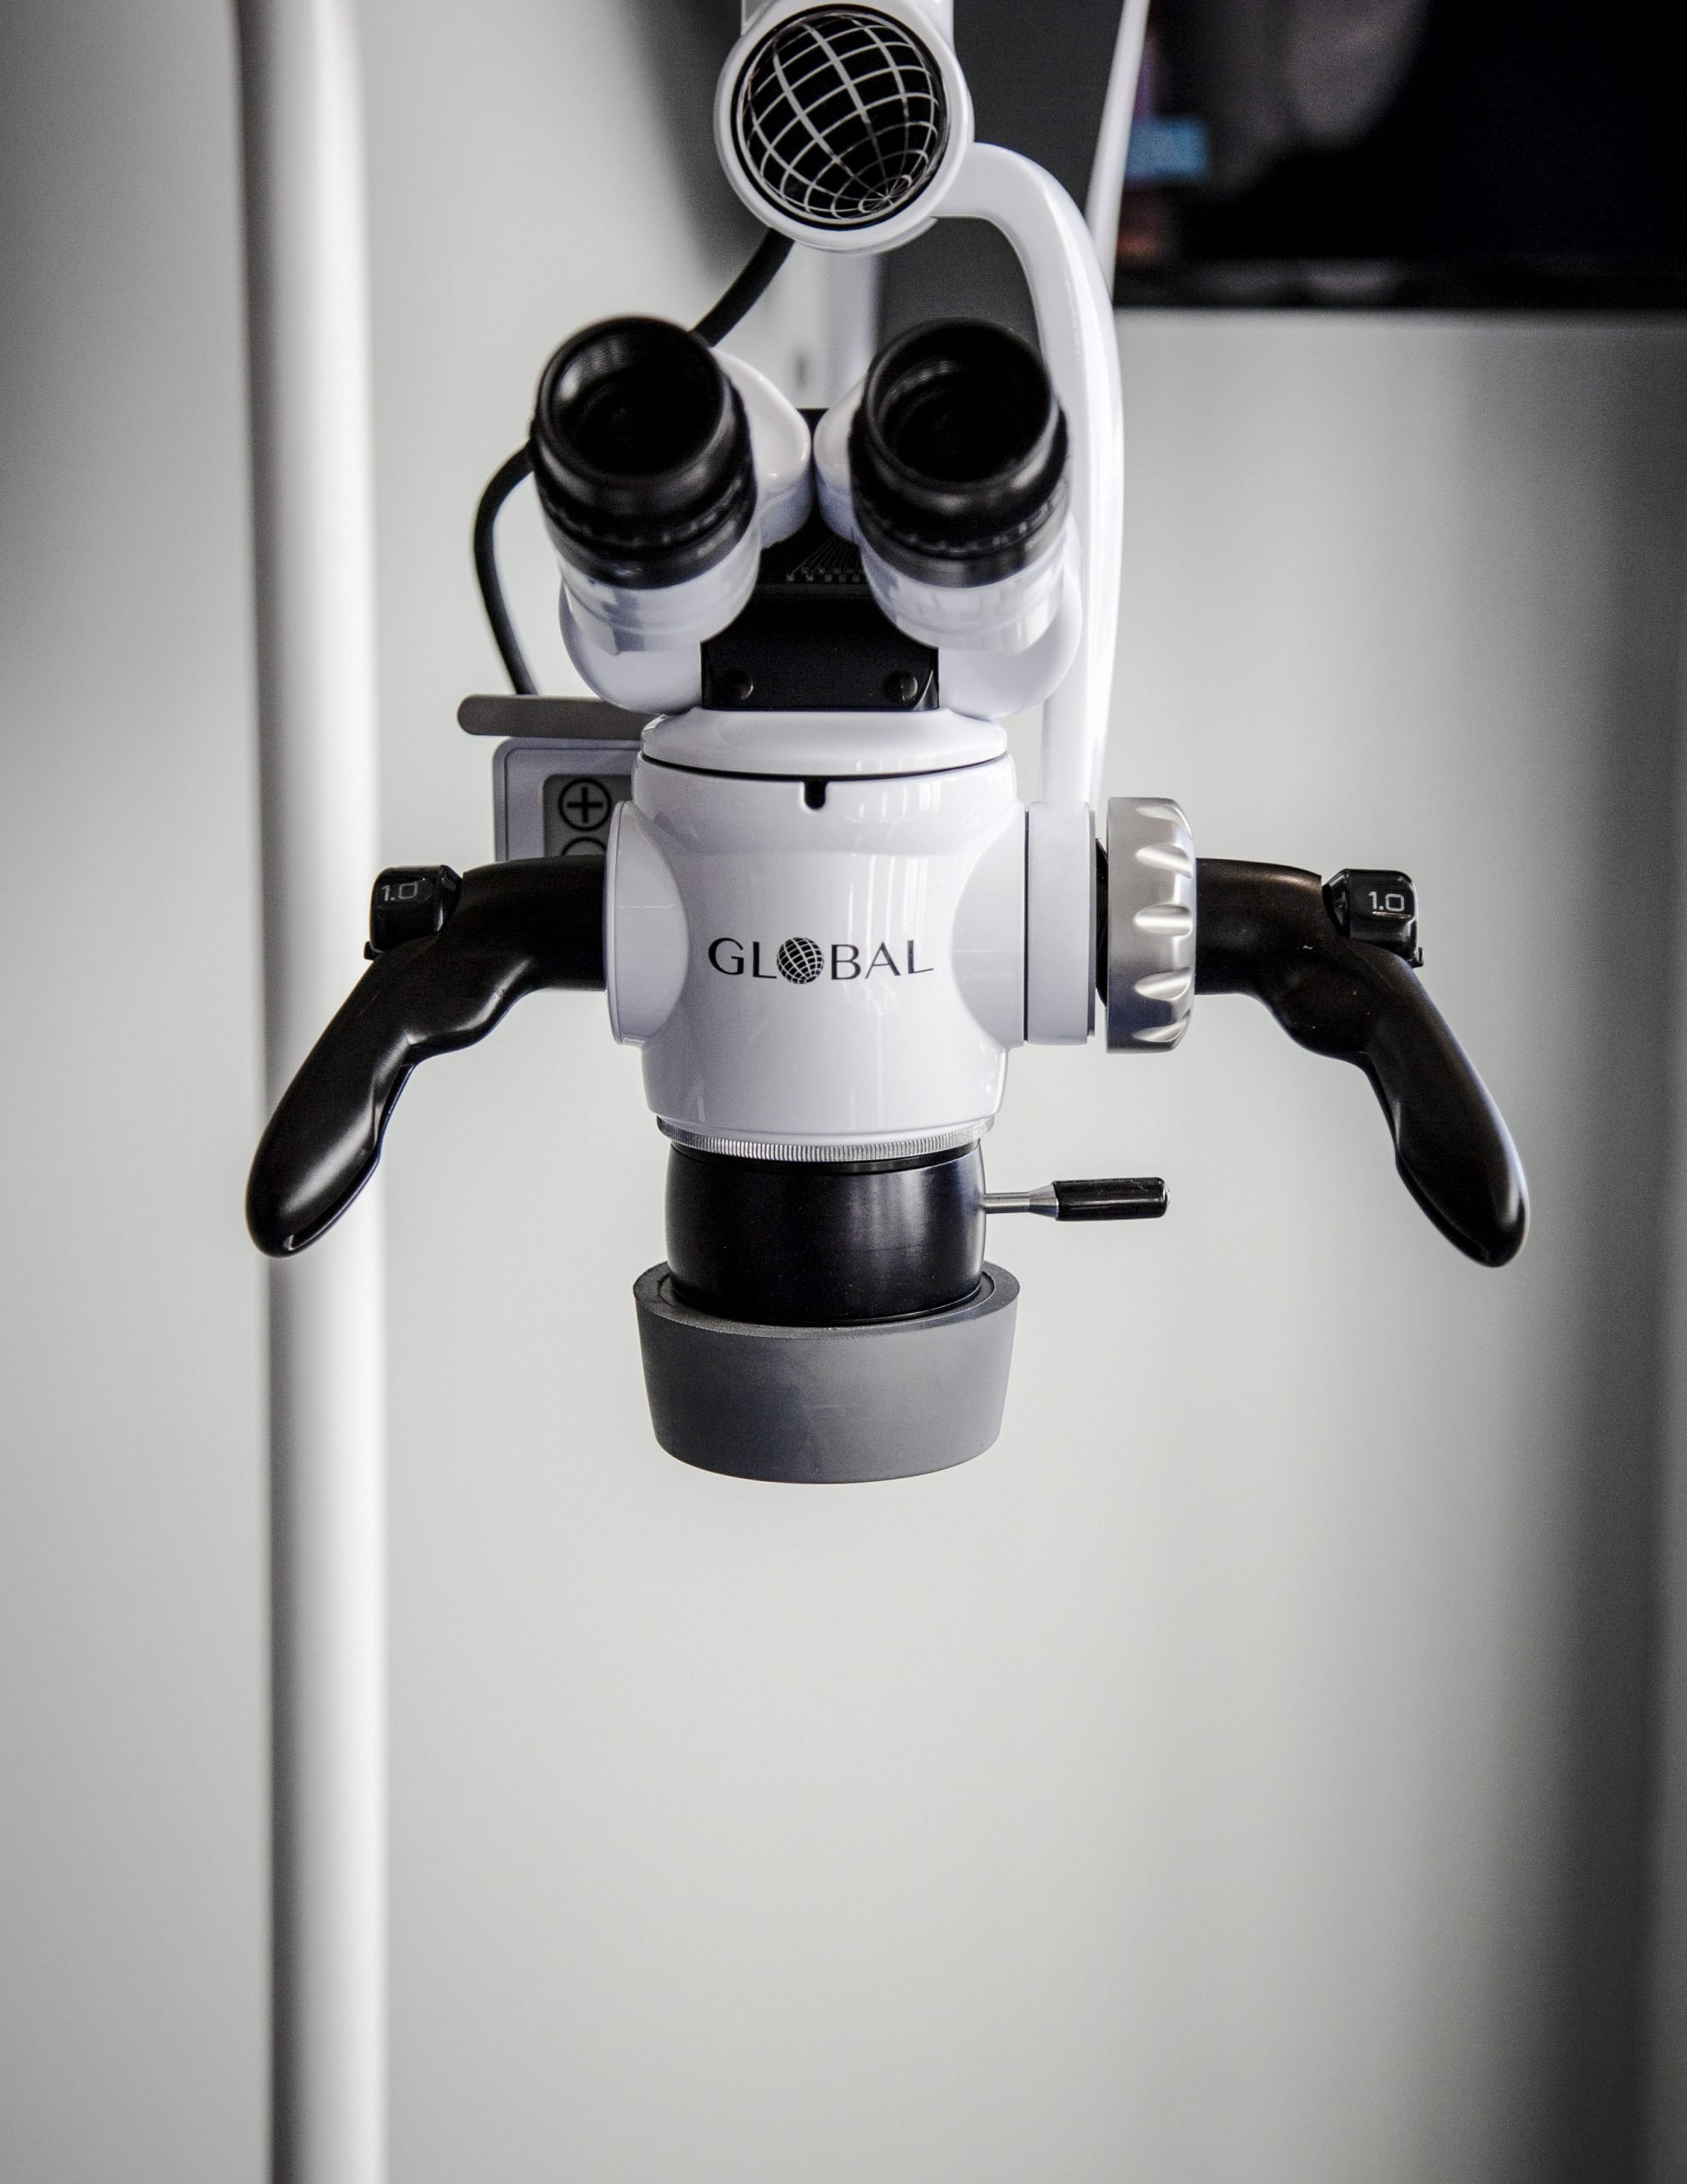 global dental microscope